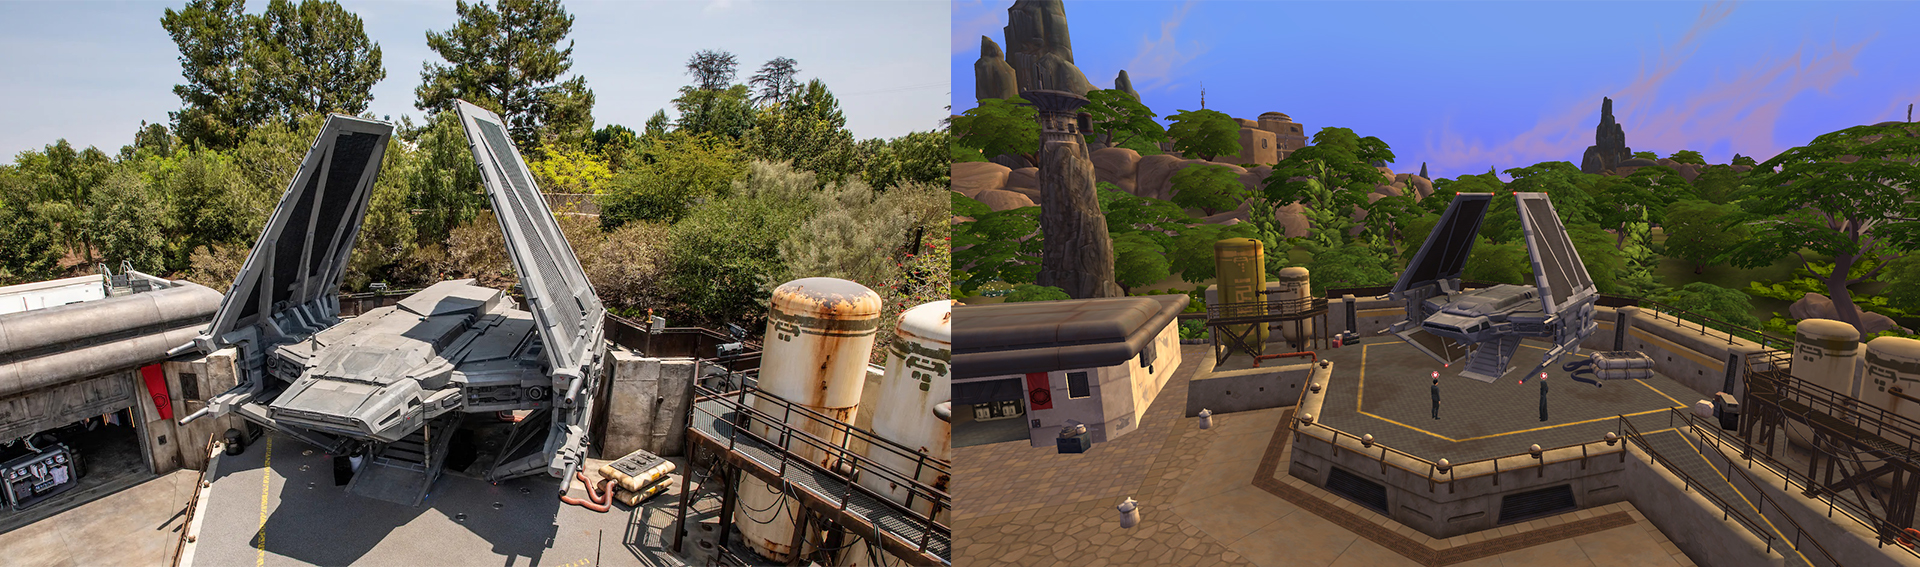 Vlevo obrázek z realného prvního řádu v Disneylandu, vpravu přesně to samé akorát v The Sims Výprava na Batuu.